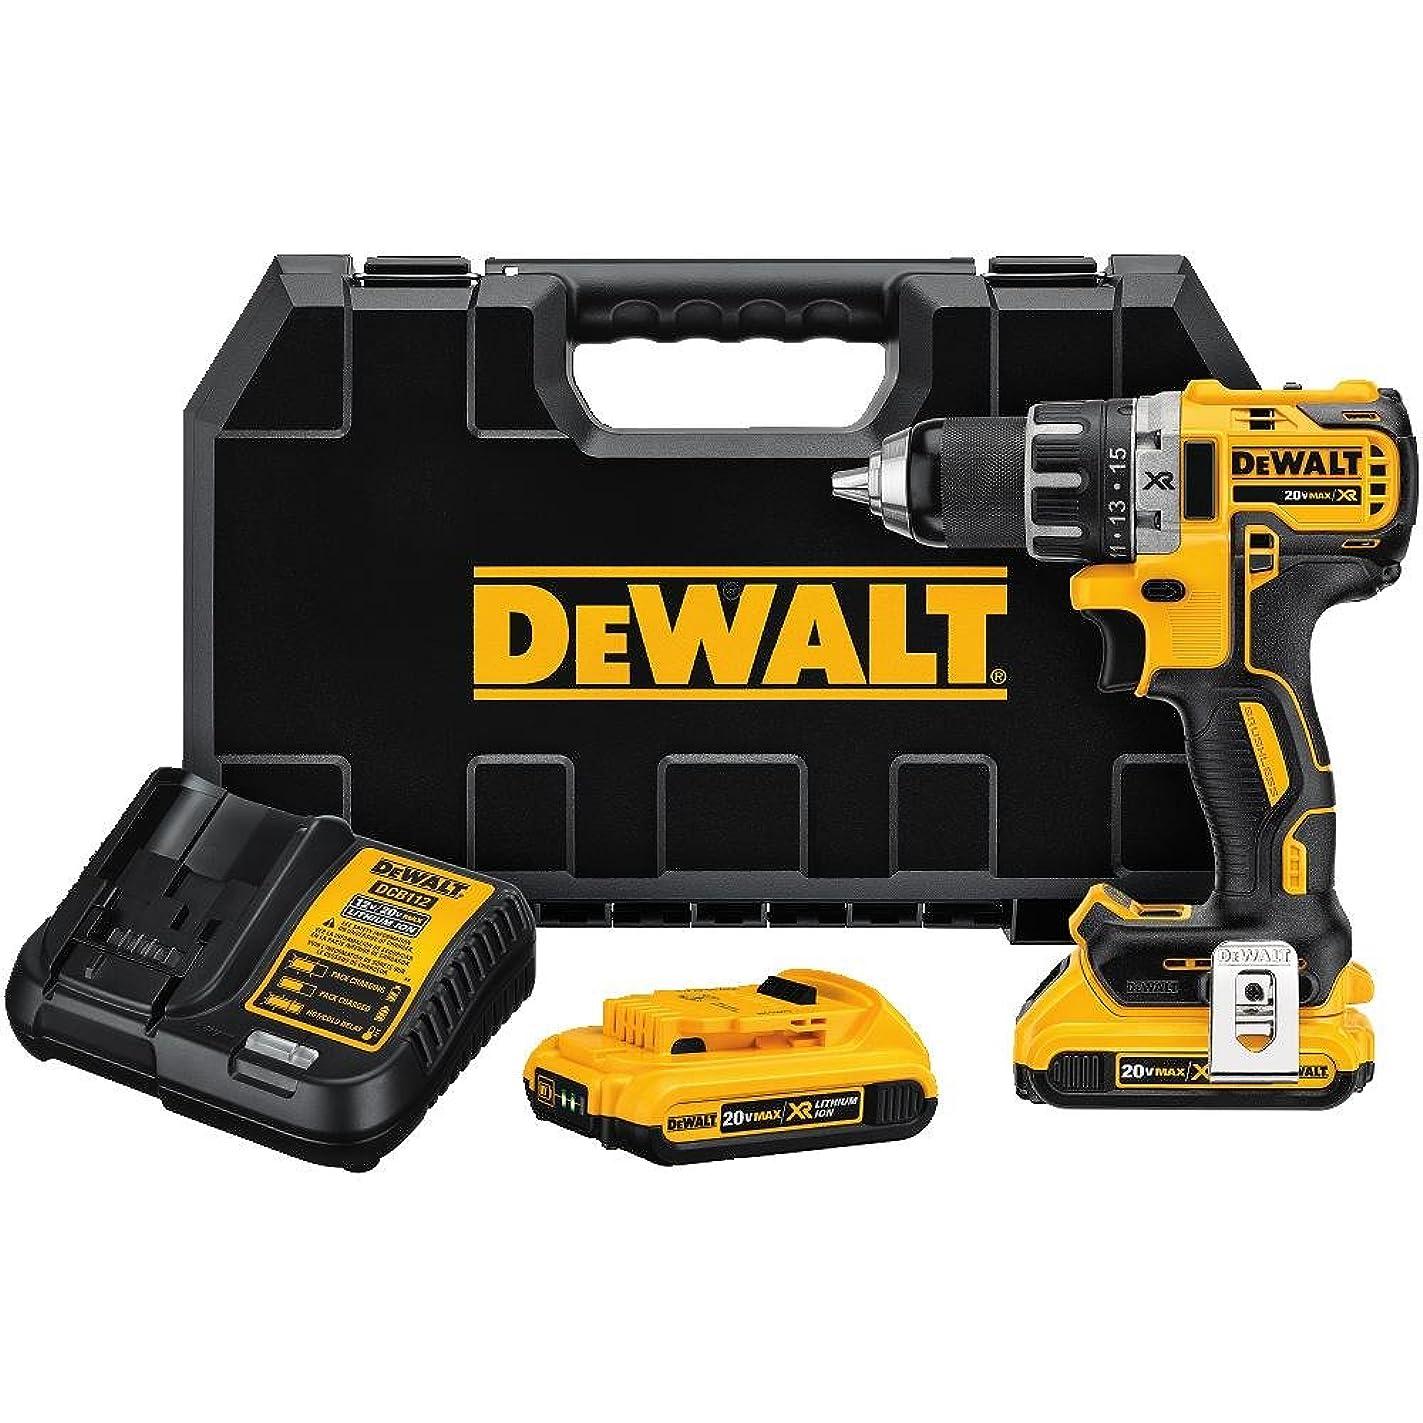 ジョブ気球本会議DEWALT DCD791D2 20V MAX XR Li-Ion 0.5 2.0Ah Brushless Compact Drill/Driver Kit by DEWALT